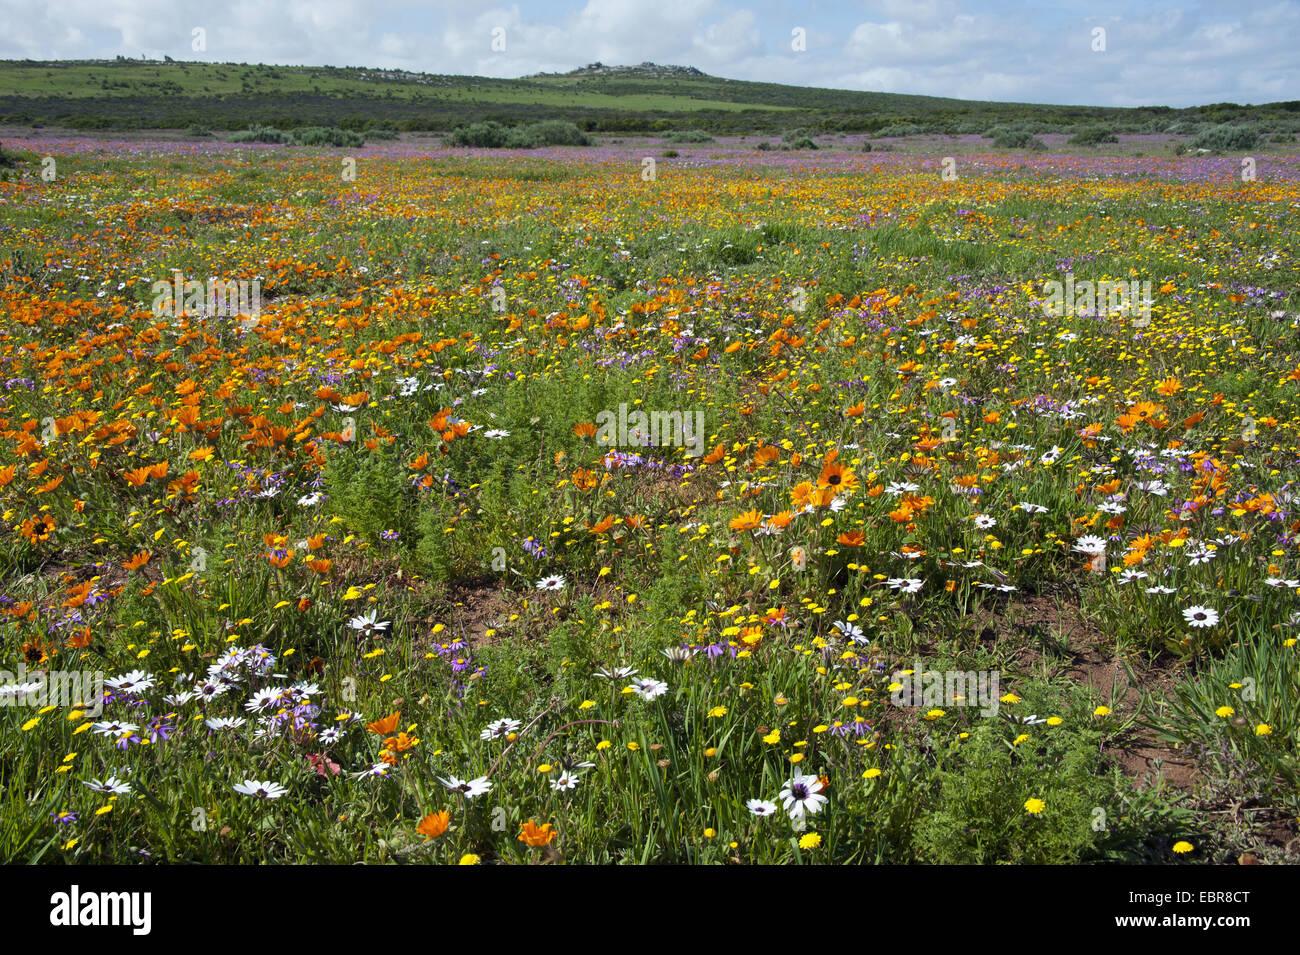 Flower meadow avec rock formation à l'horizon sur la côte atlantique dans la côte ouest Nationalpark, Photo Stock